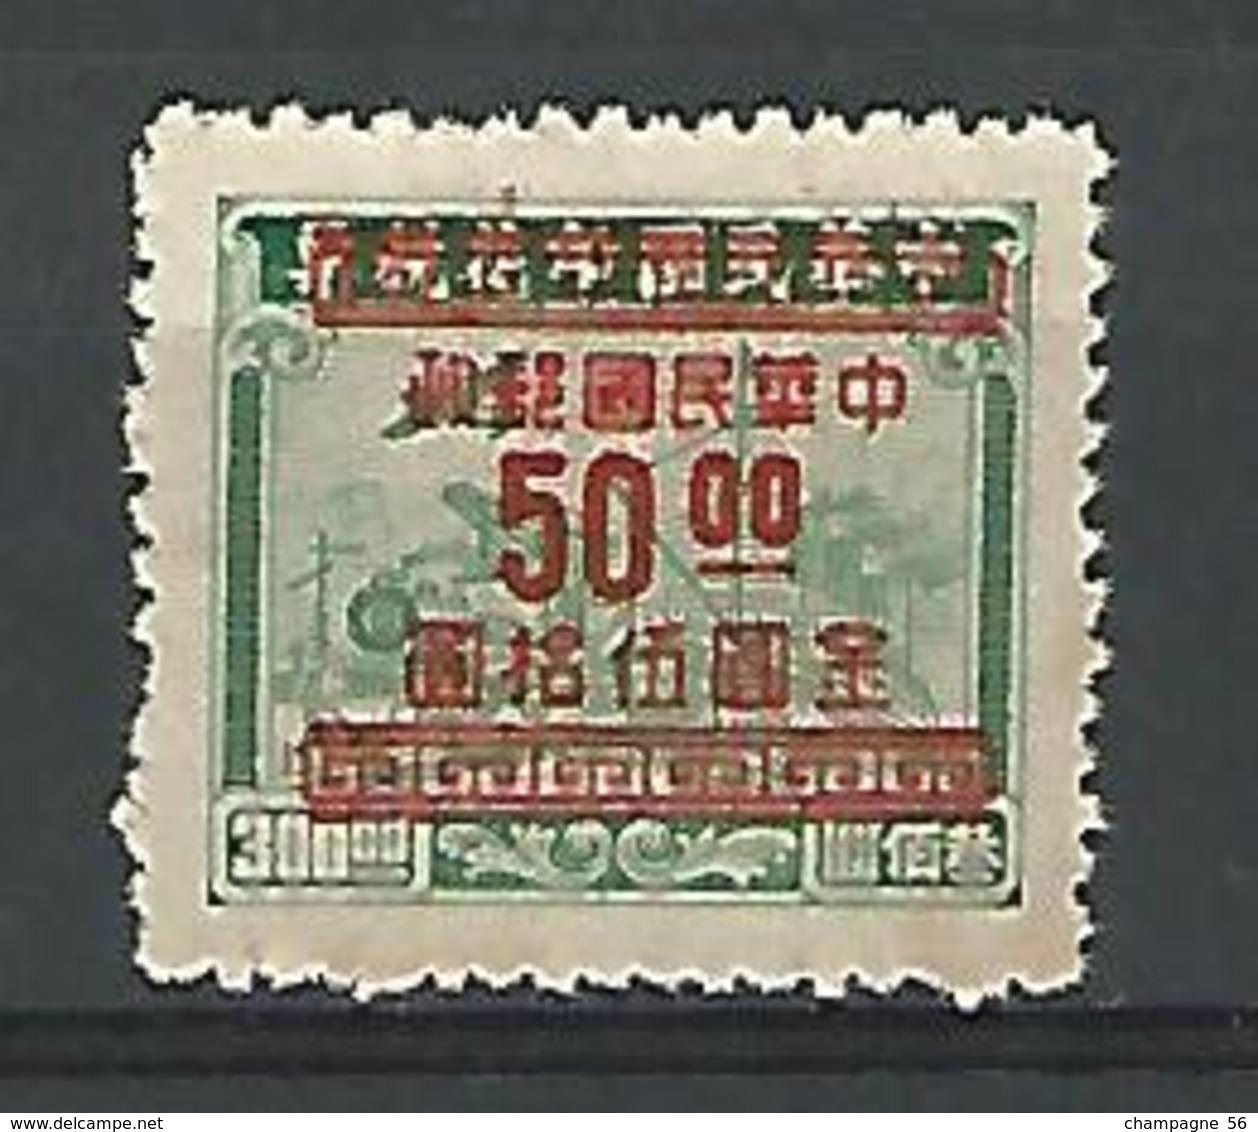 * VARIÉTÉS 1949 SURCHARGE ROUGE 50 00 TRANSPORT  NEUF SANS GOMME - Central China 1948-49